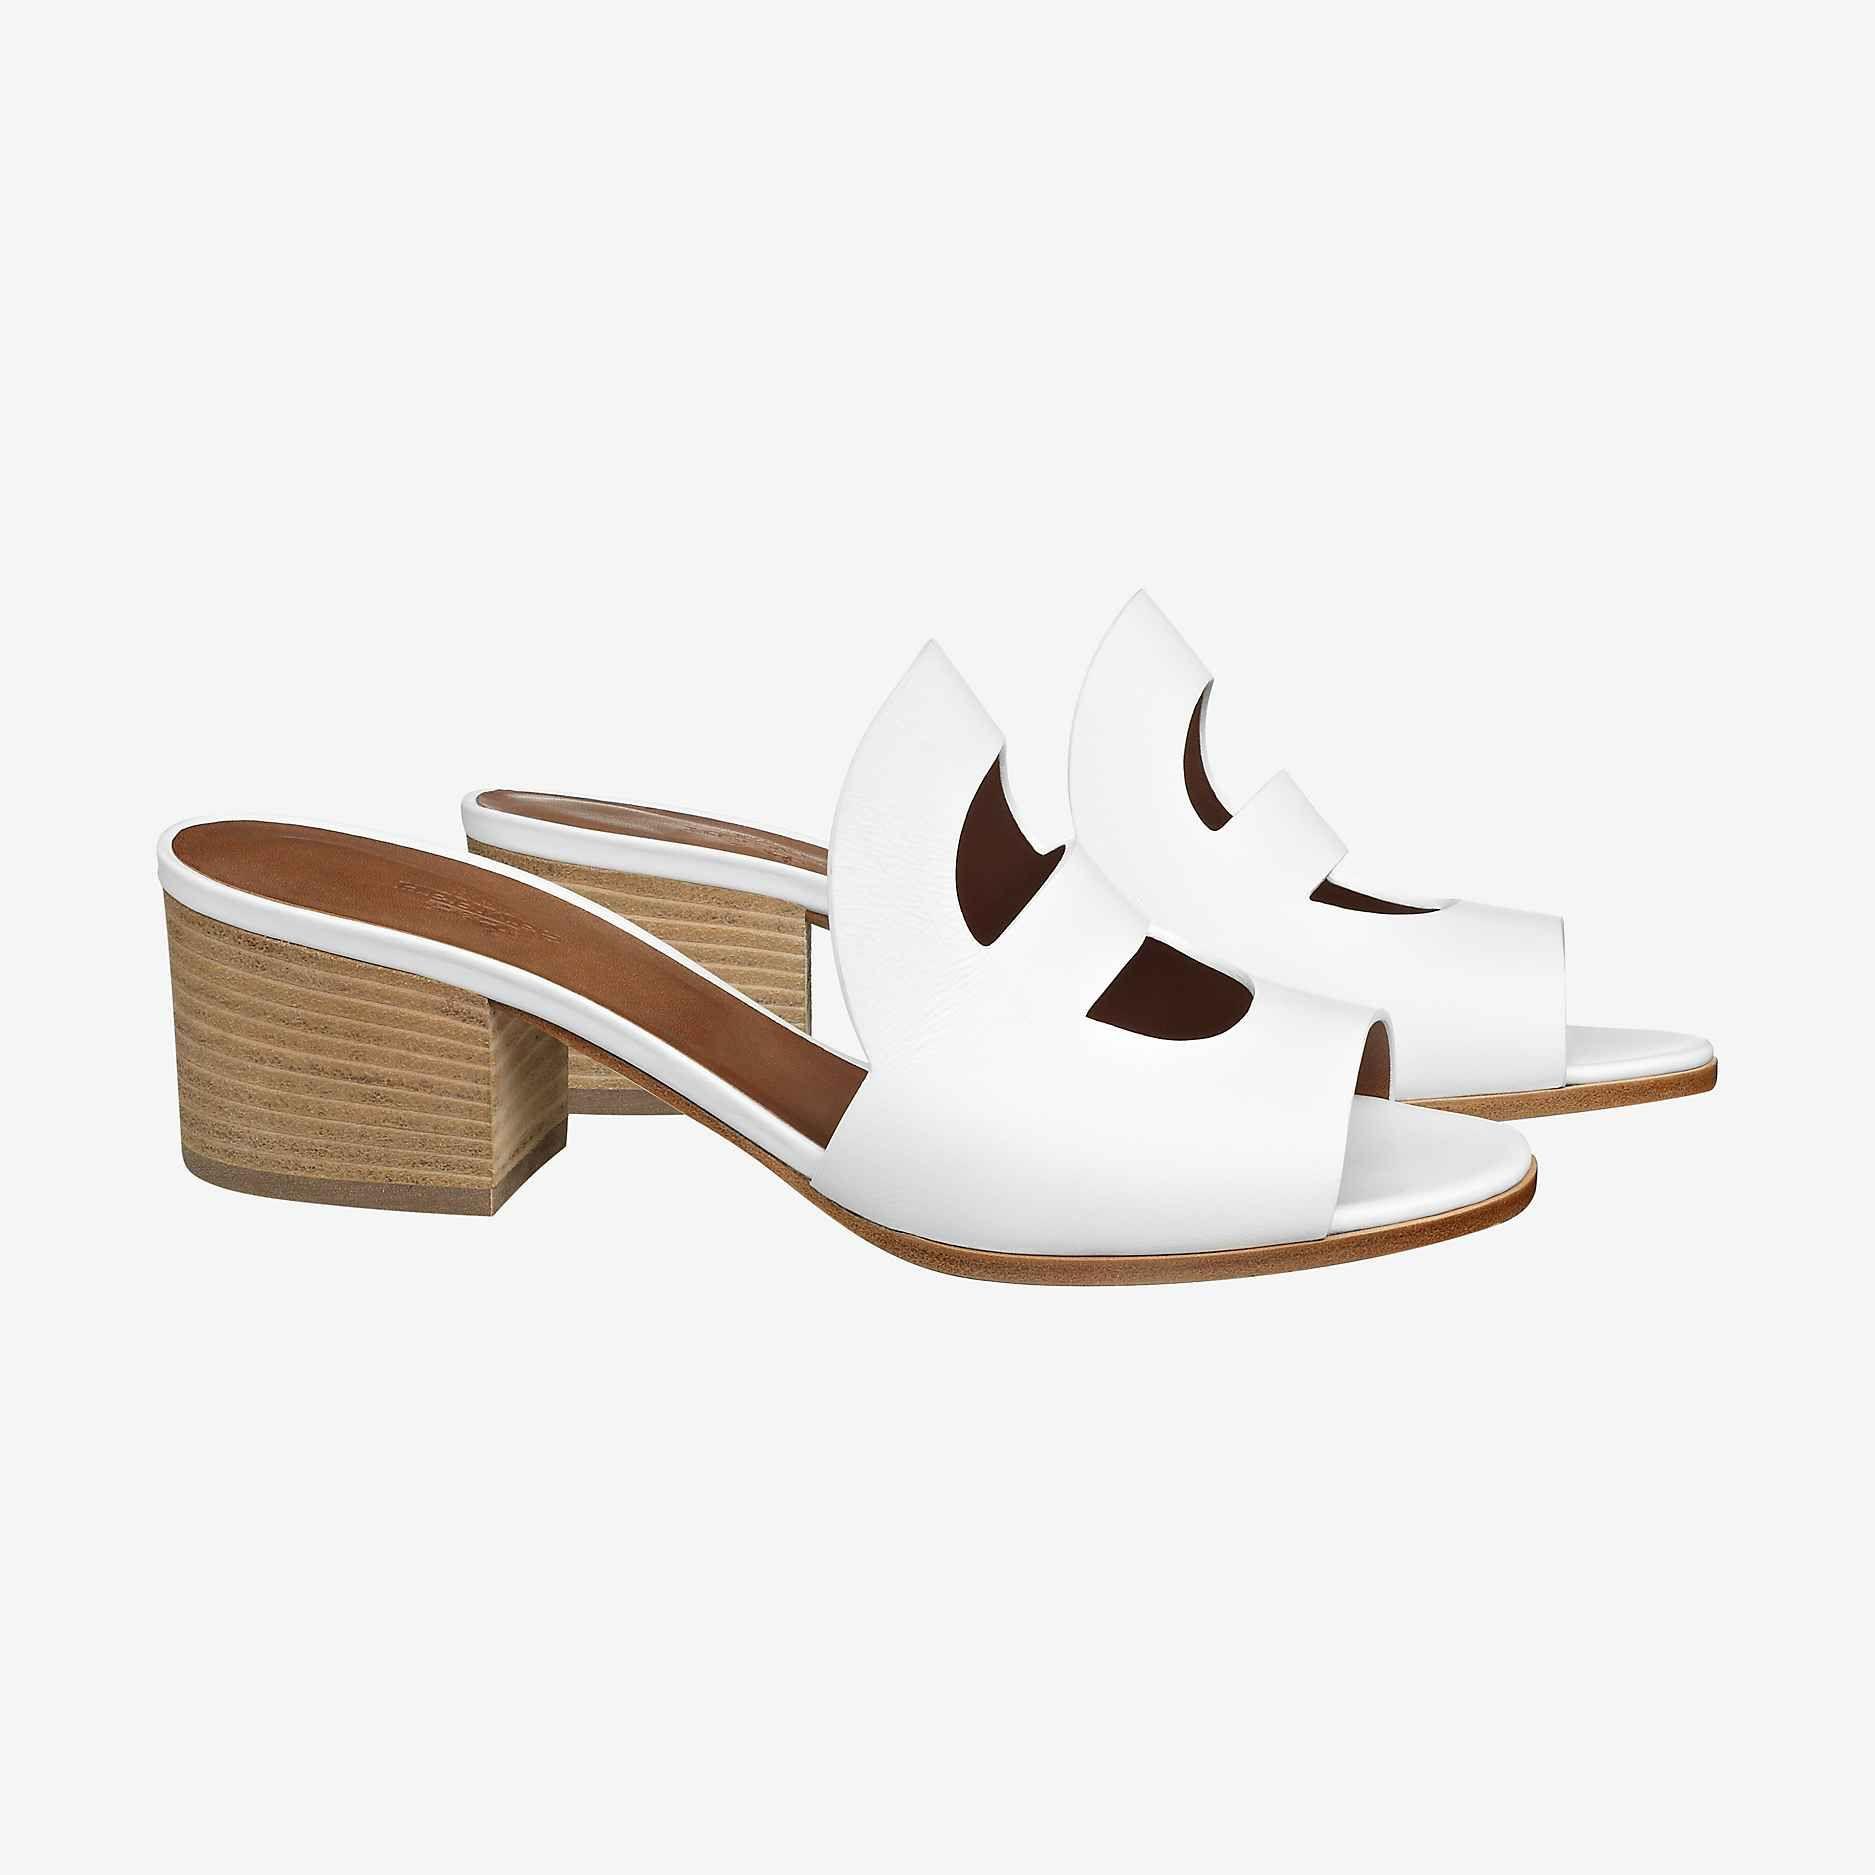 9c1c943f8acd Mona sandal in 2019